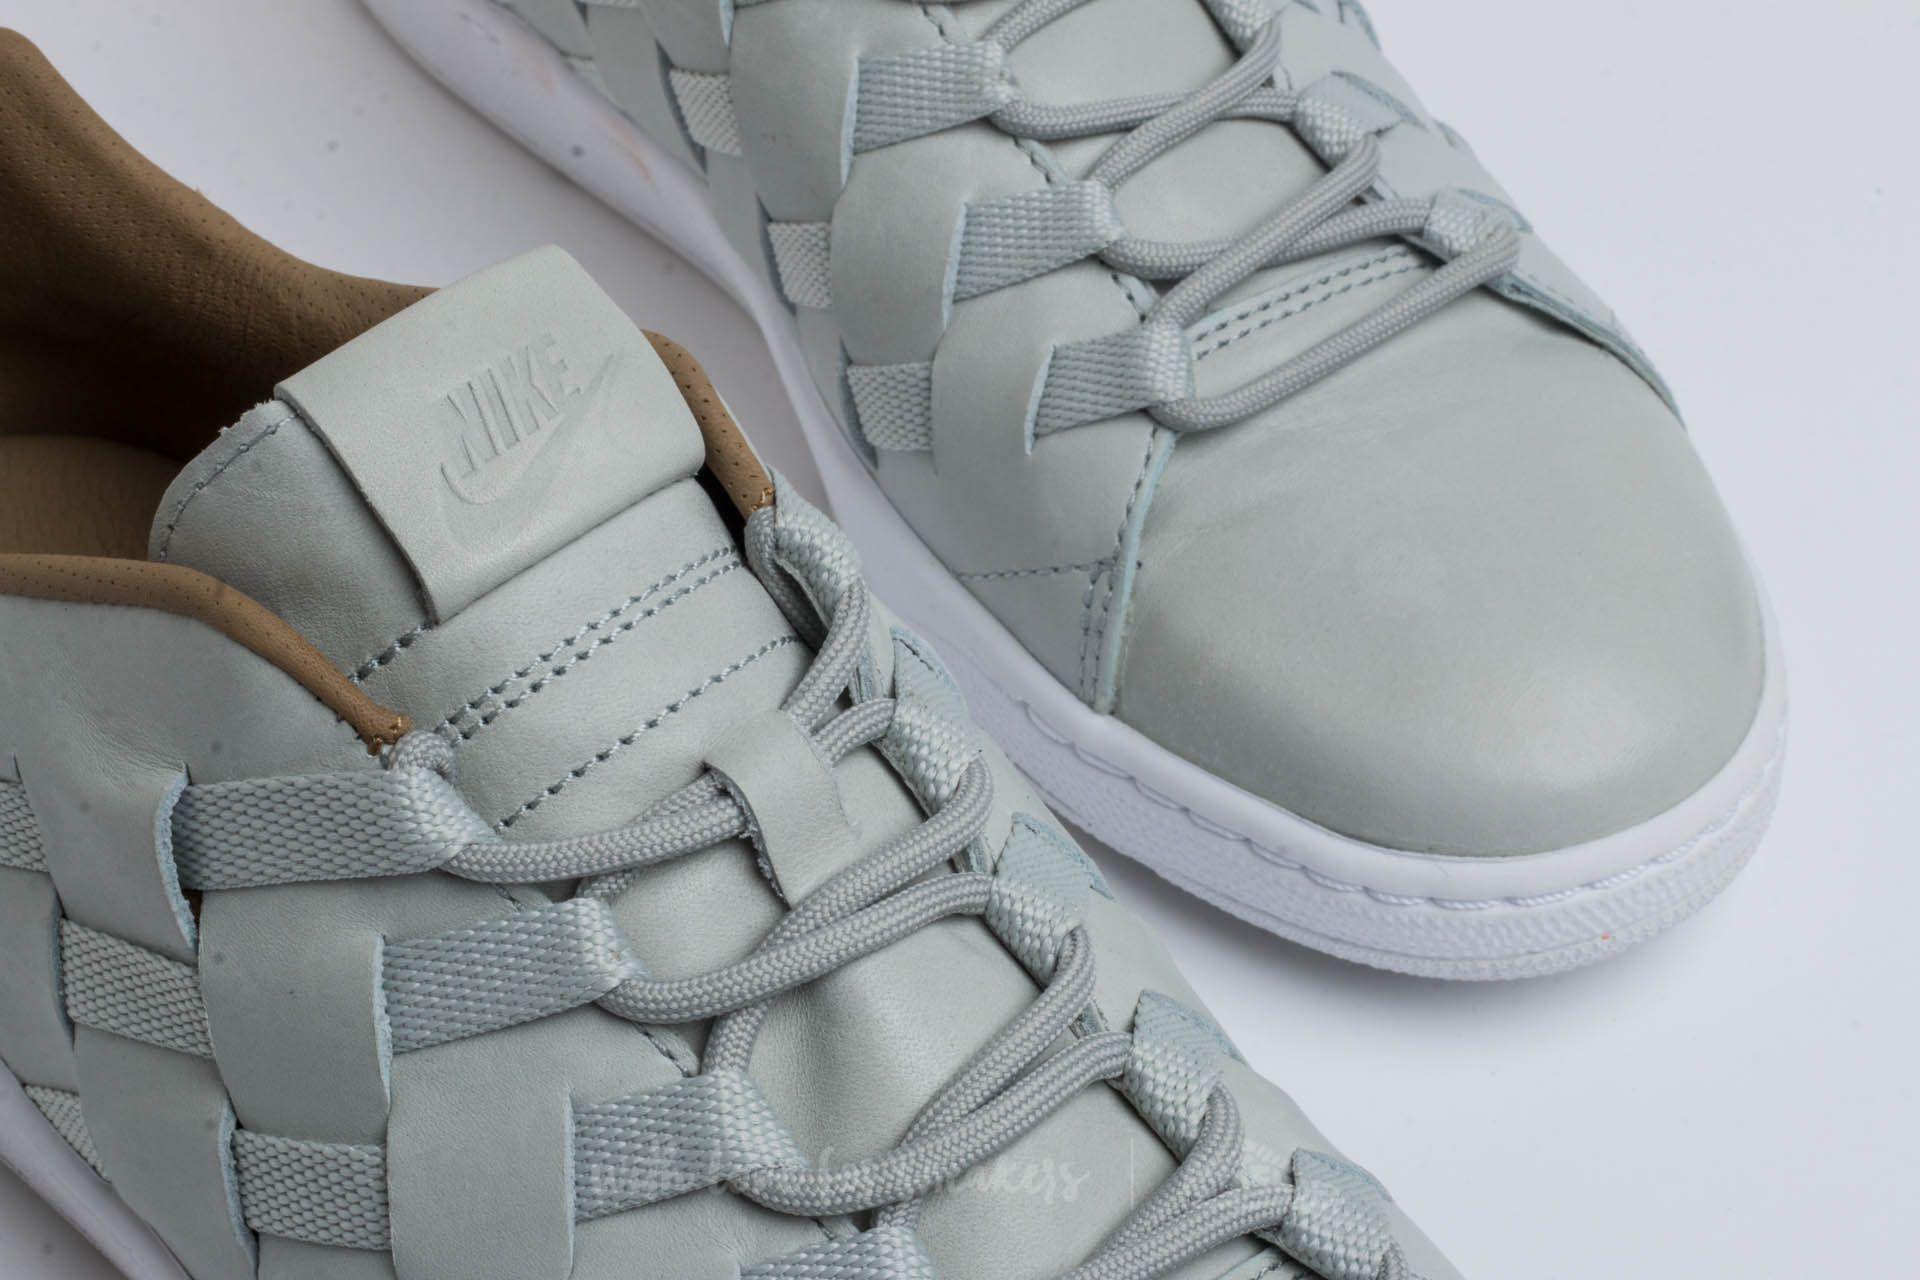 c8a79d2fd755 Lyst - Nike Tennis Classic Ultra Premium Qs  woven Pack  Light ...